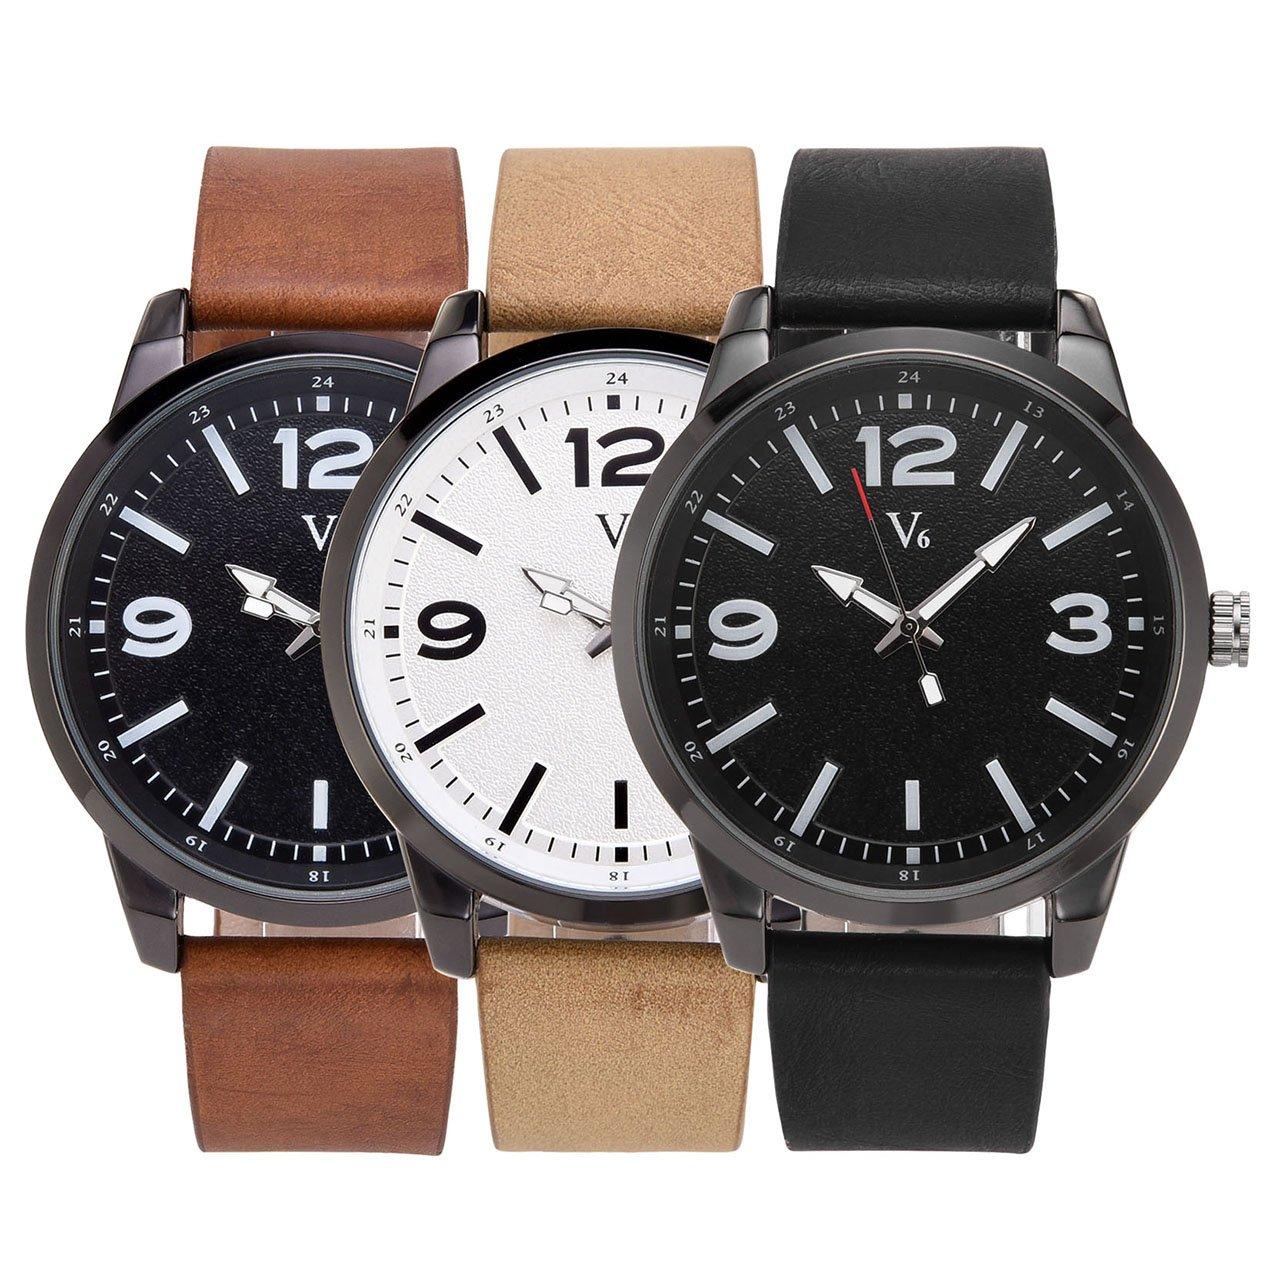 JSDDE Uhren,Vintage Klassische Armbanduhr Wasserdicht Einfaches Design Matt Wähl Quarz Uhrwerk Uhr Herren Bahnuhr